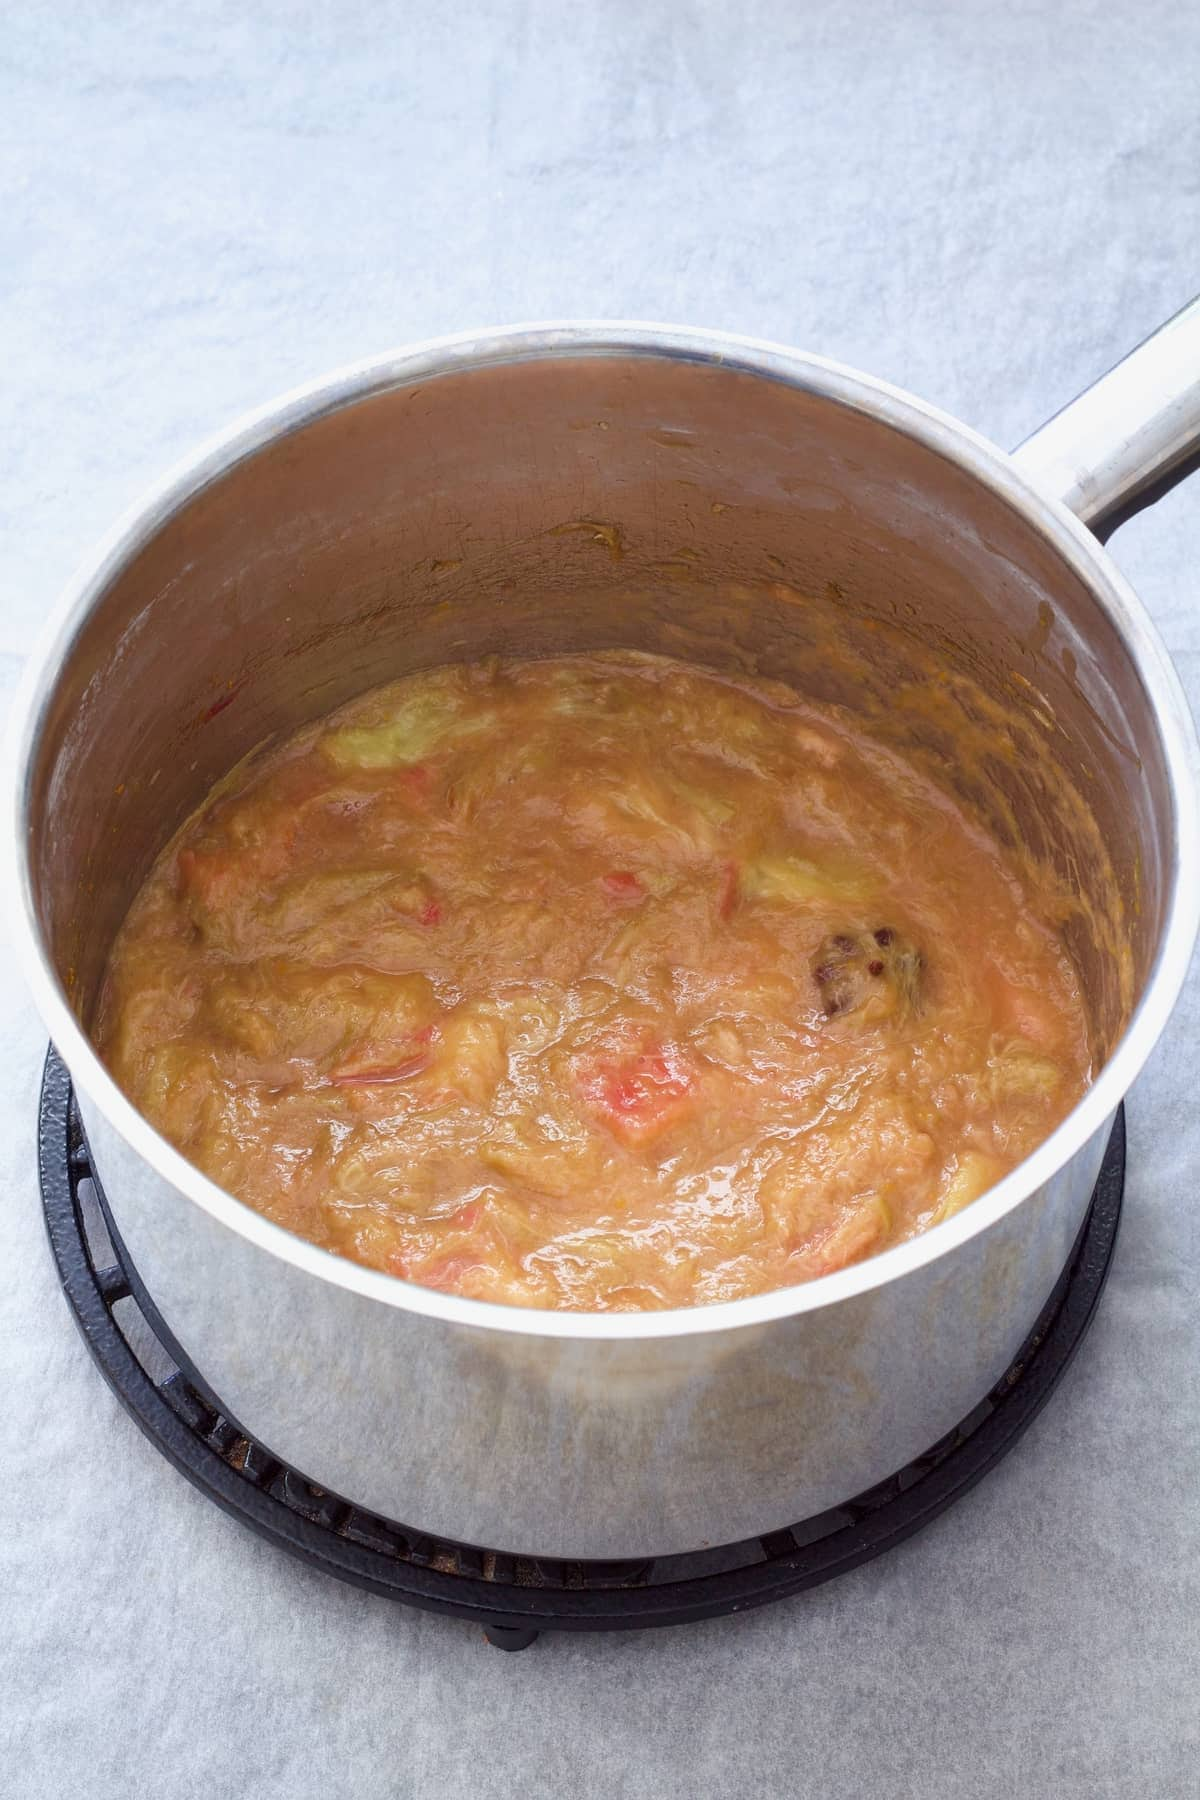 Stewed rhubarb in a pan.